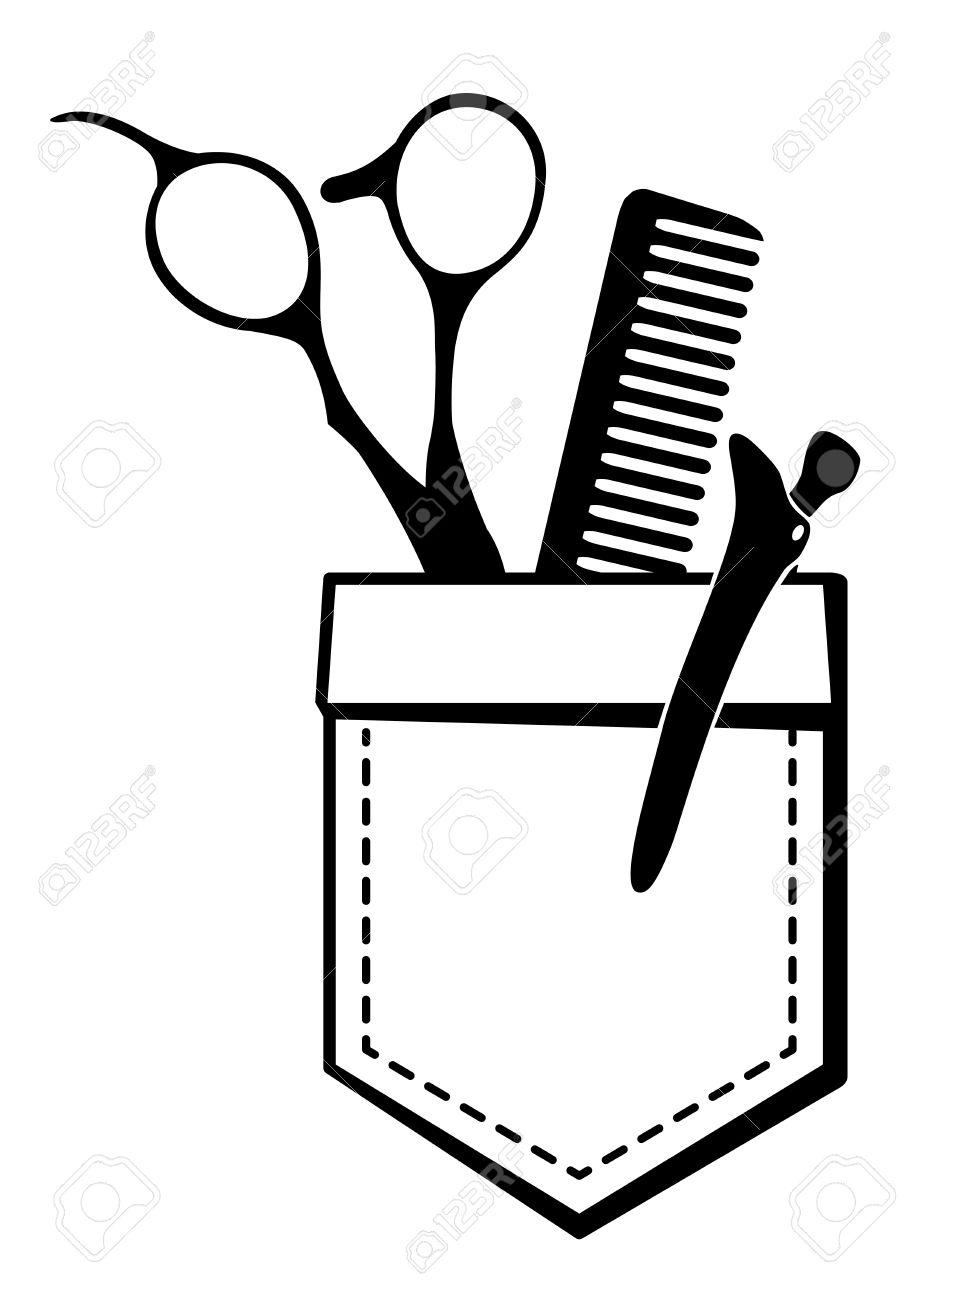 Logo Für Friseursalon Mit Einer Schere Und Kamm In Einer Tasche